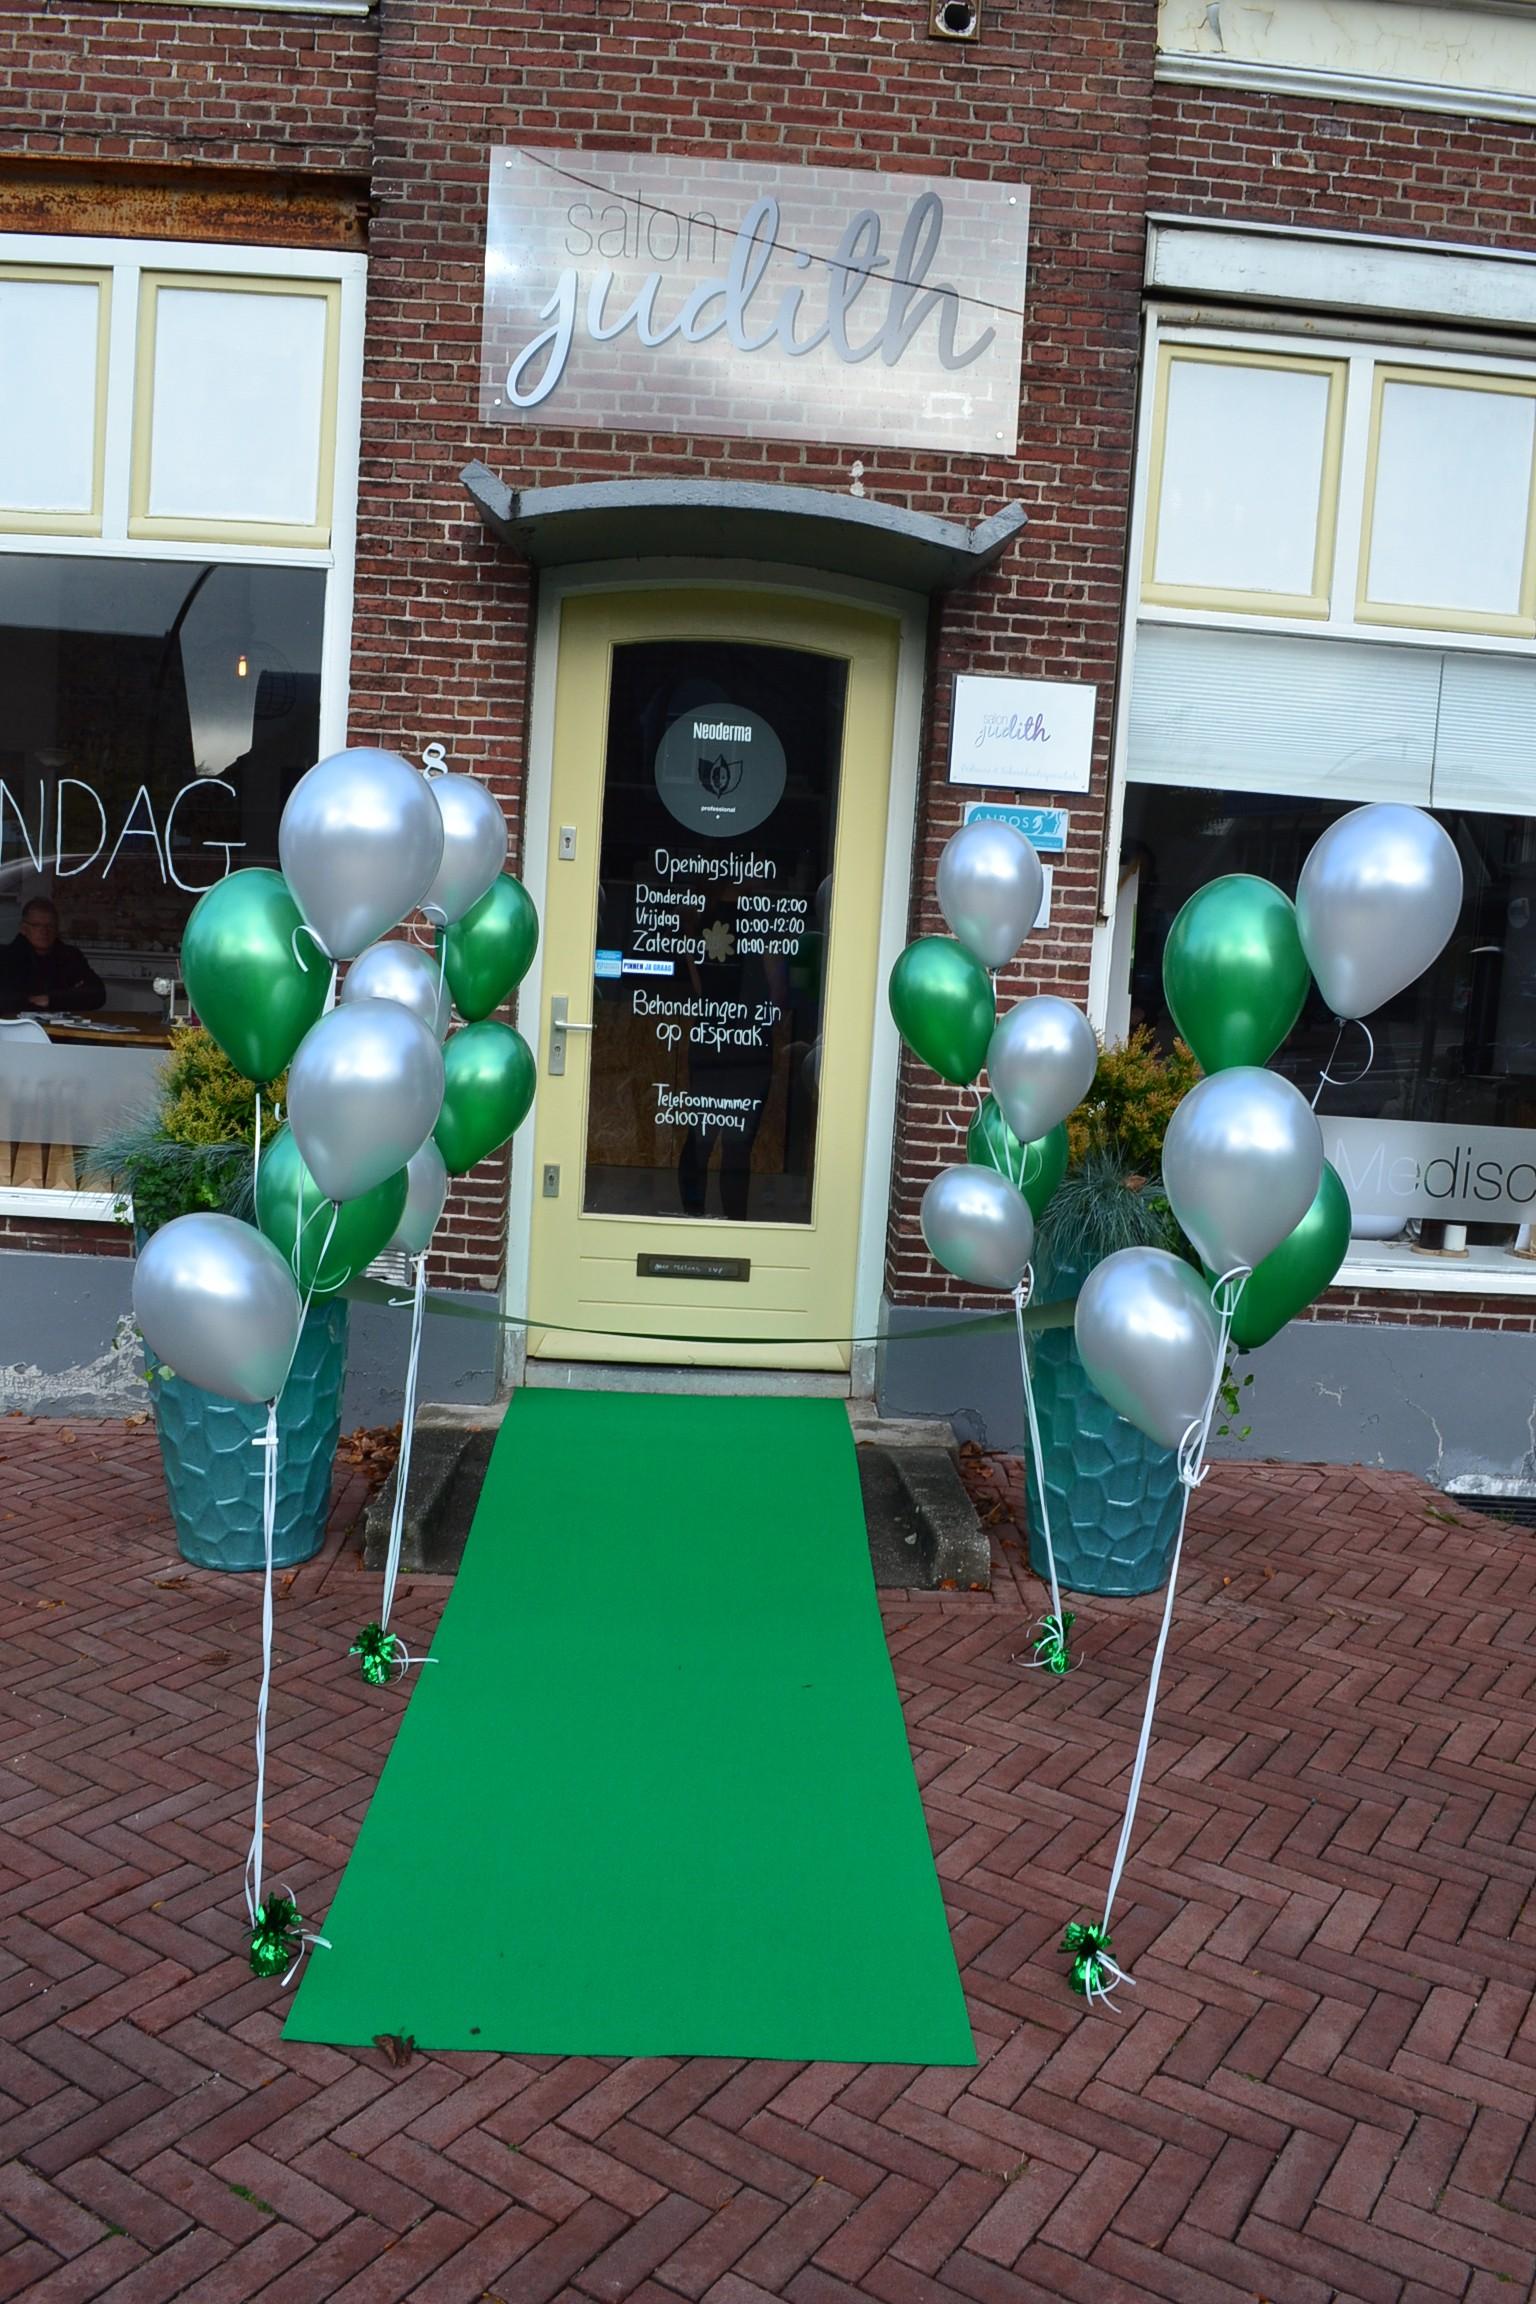 Salon Judith opening en opendag